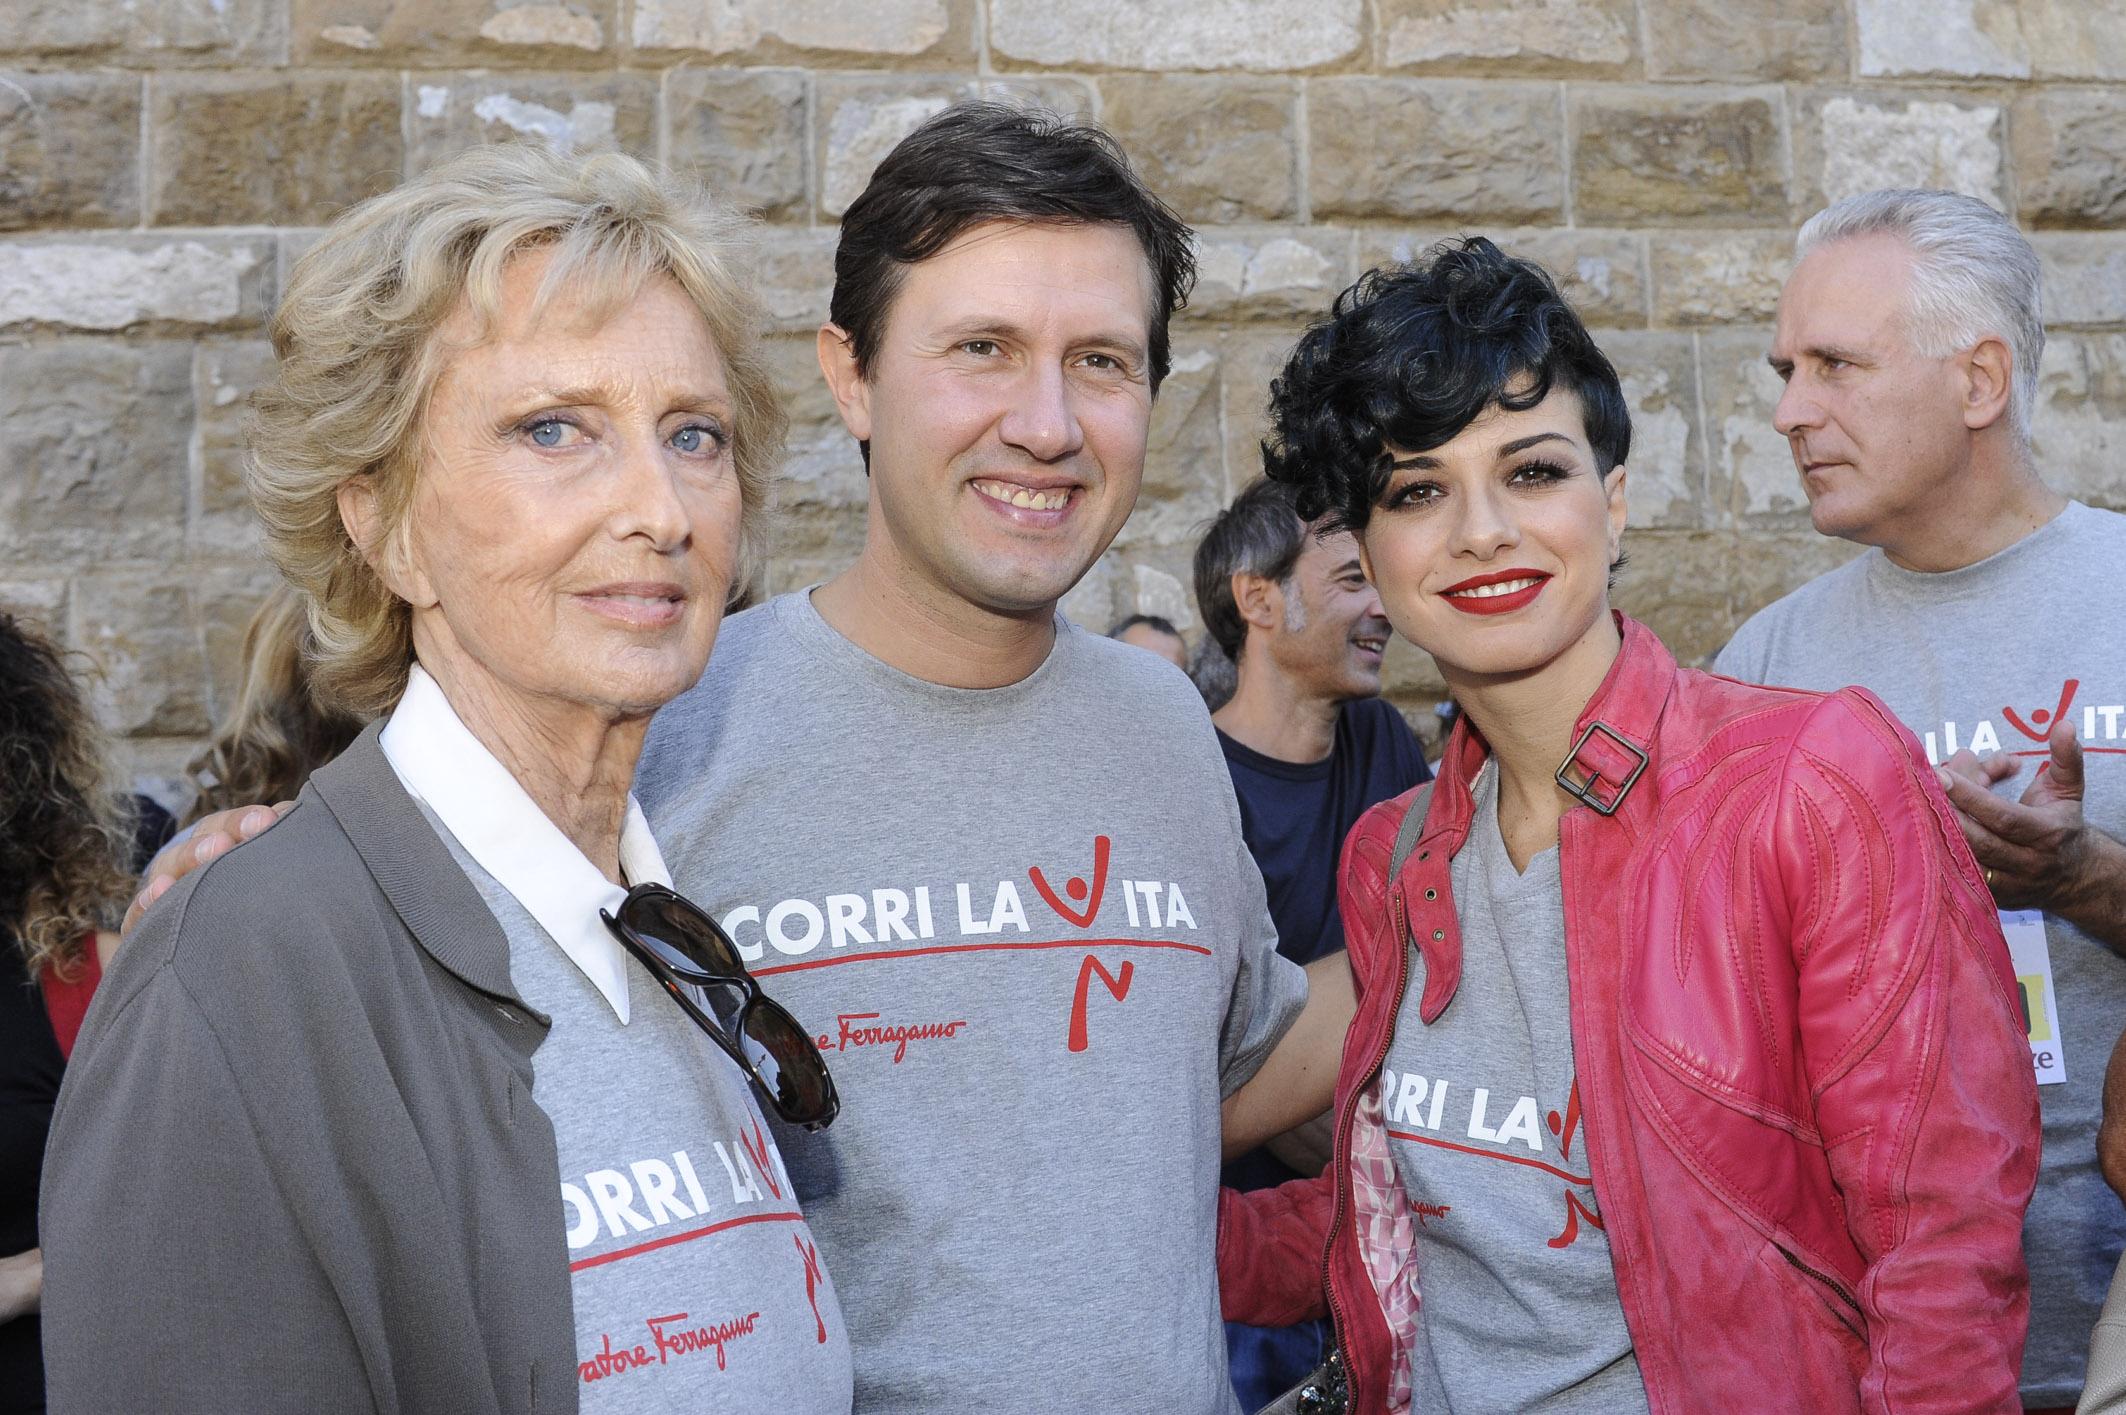 bA Firenze il 25/09 si è corso la 14° edizione di Corri la Vita, la maratona di solidarietà che raccoglie fondi per la lotta al tumore al seno